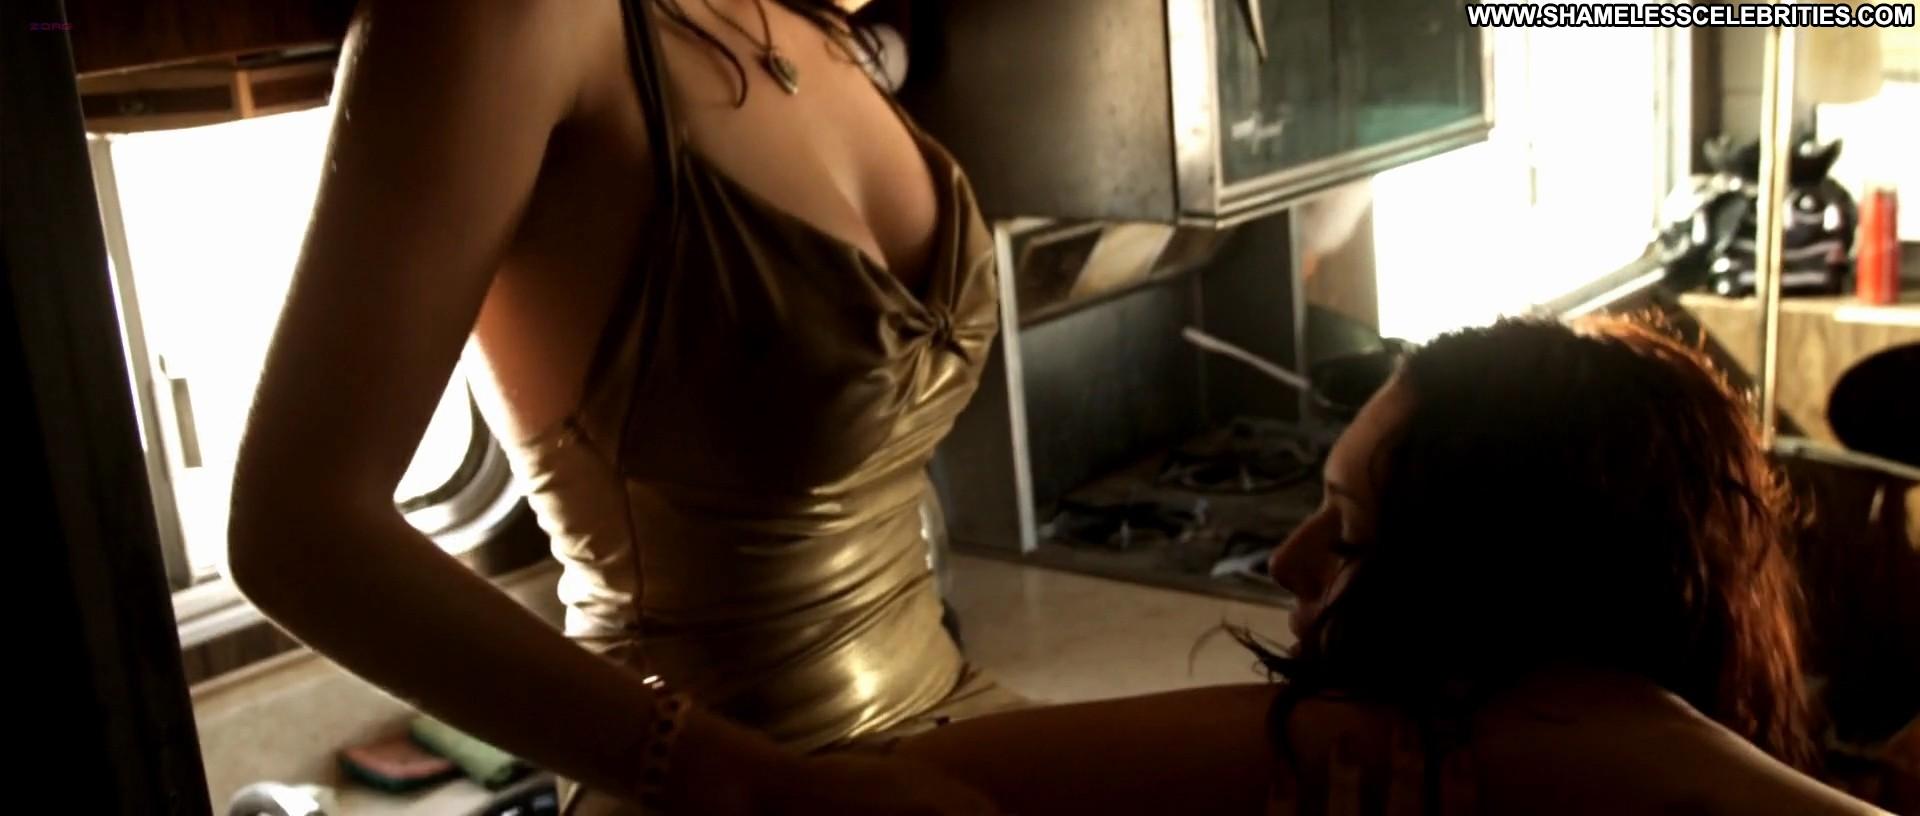 girl spy cam breast